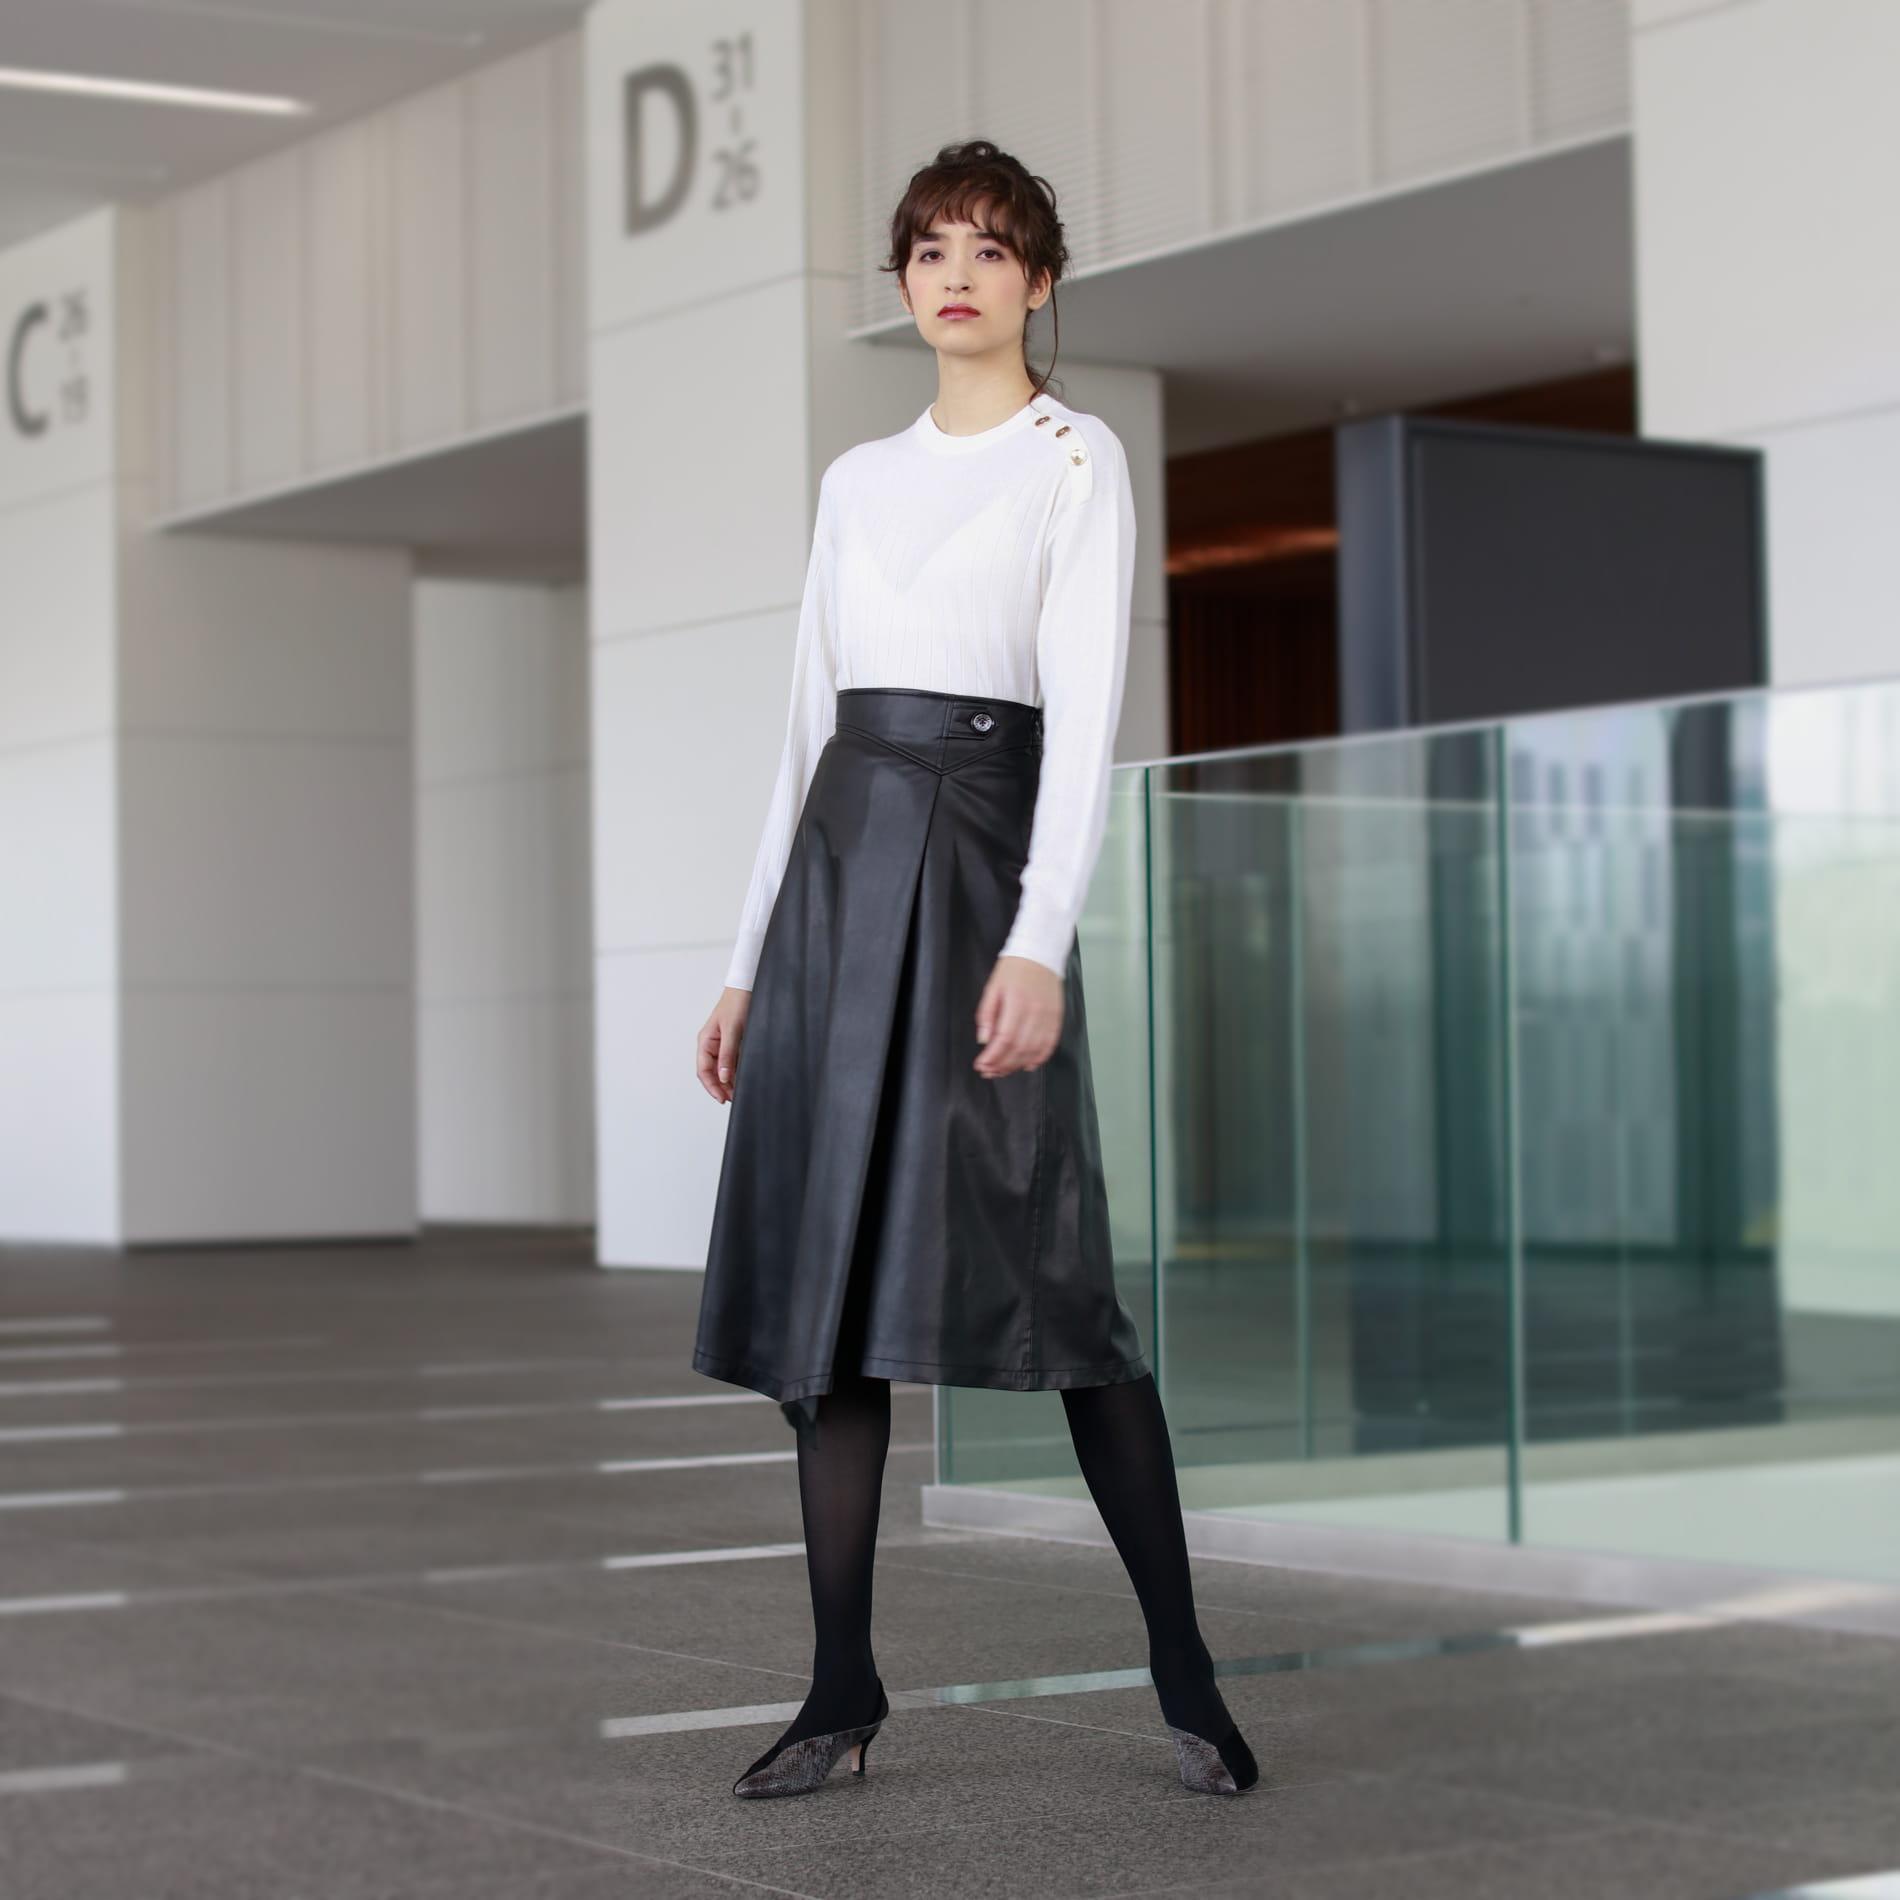 【LoroPiana】14GG ハイゲージクルーネックニット